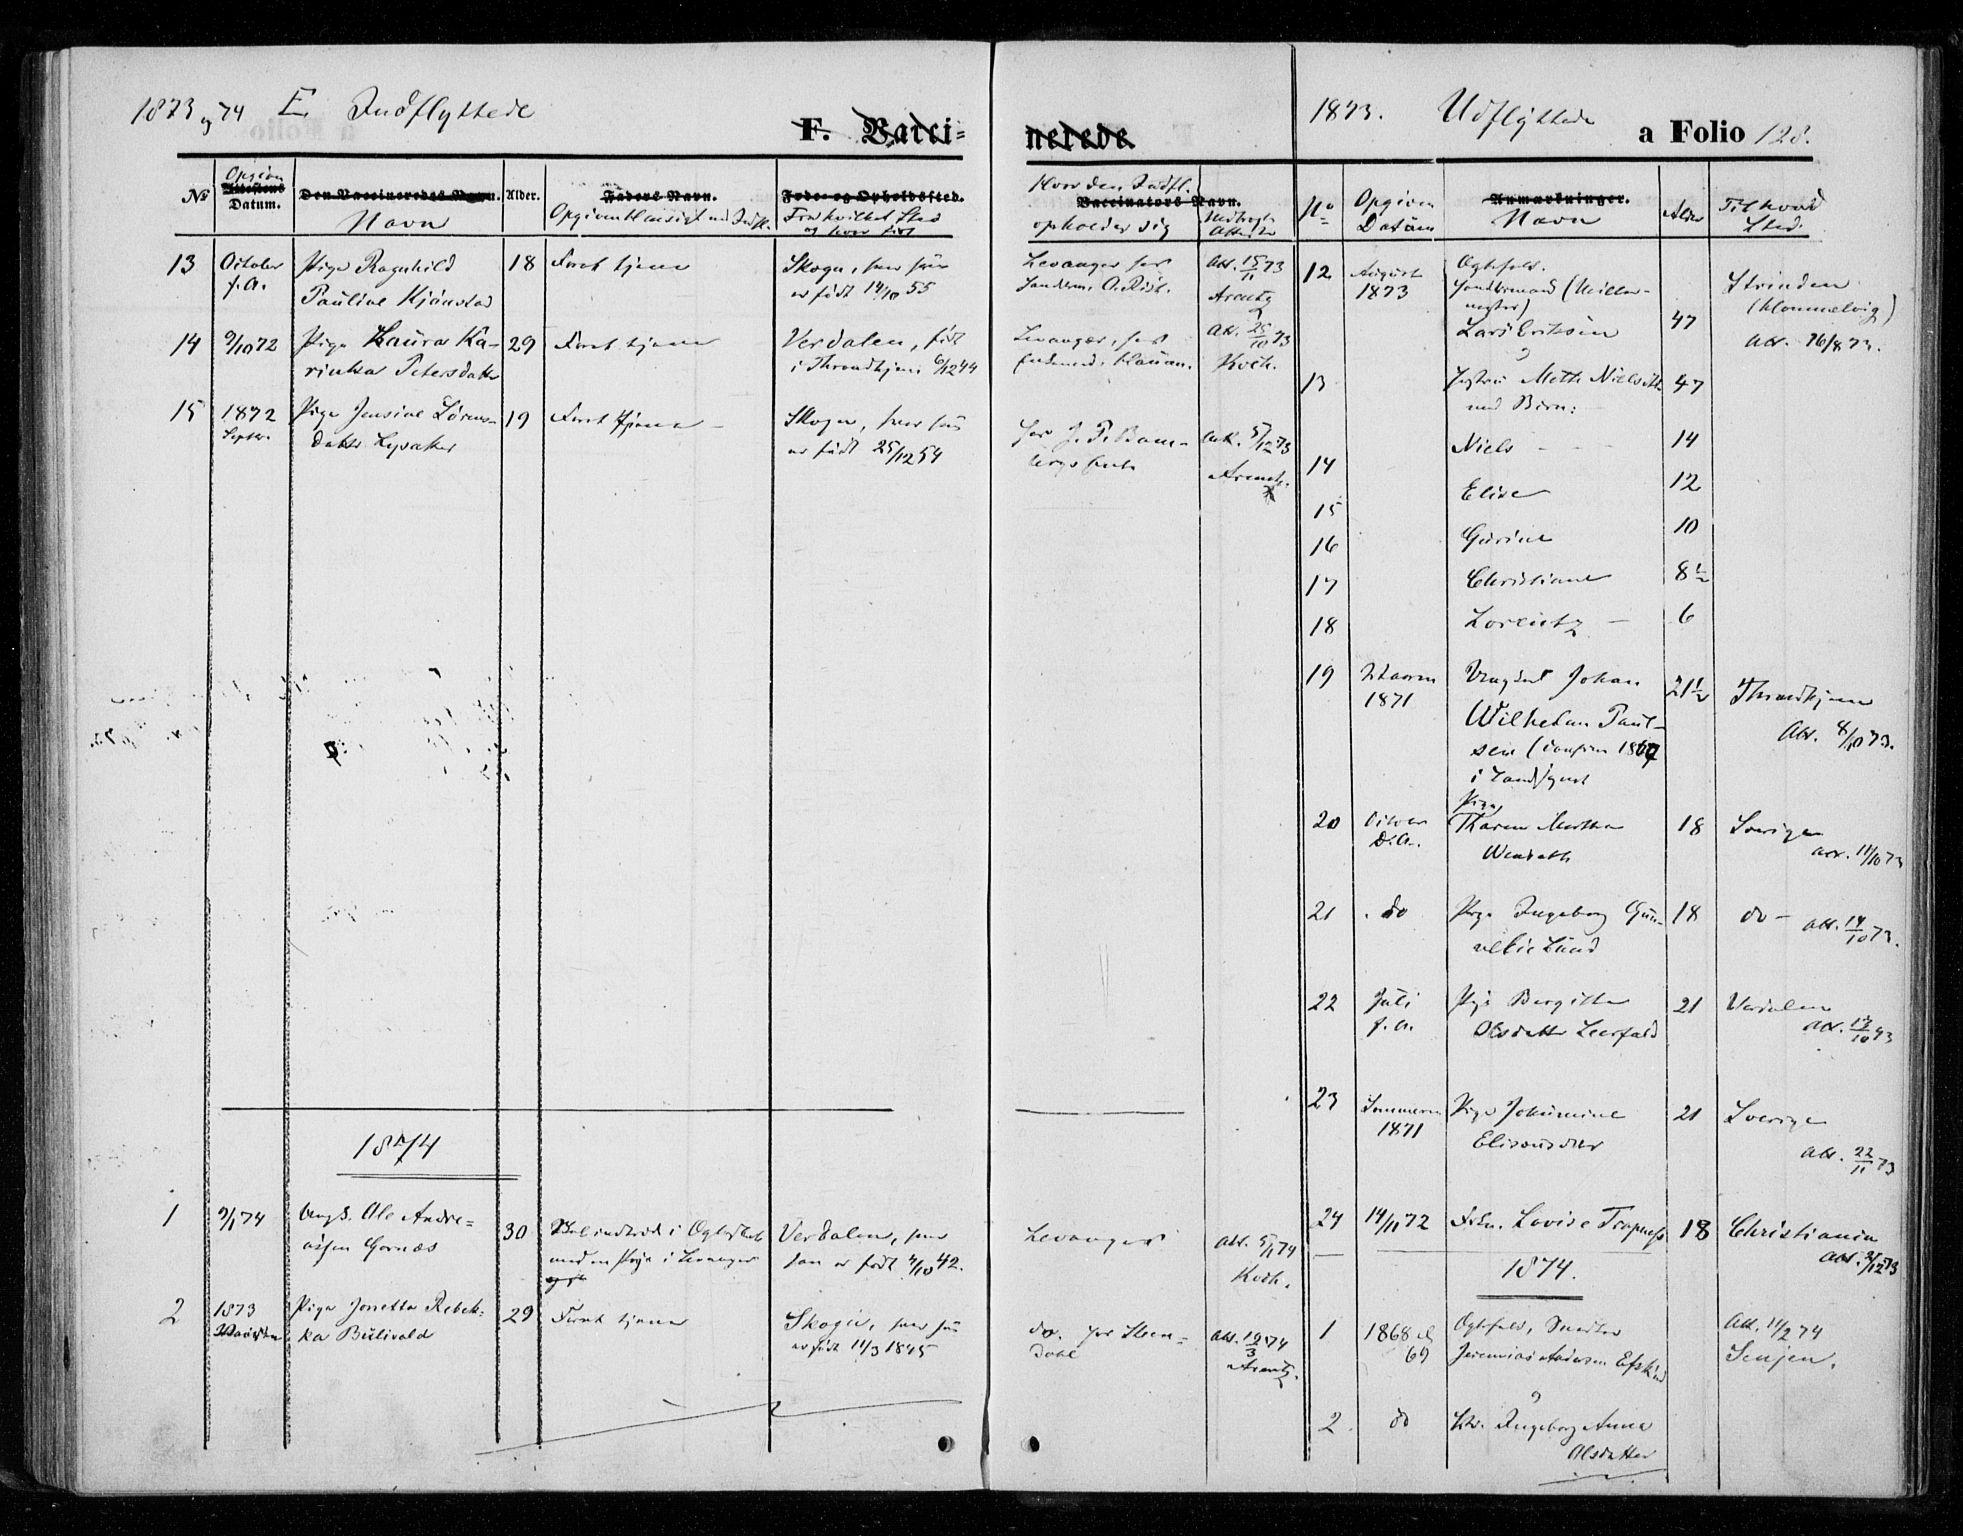 SAT, Ministerialprotokoller, klokkerbøker og fødselsregistre - Nord-Trøndelag, 720/L0186: Ministerialbok nr. 720A03, 1864-1874, s. 128